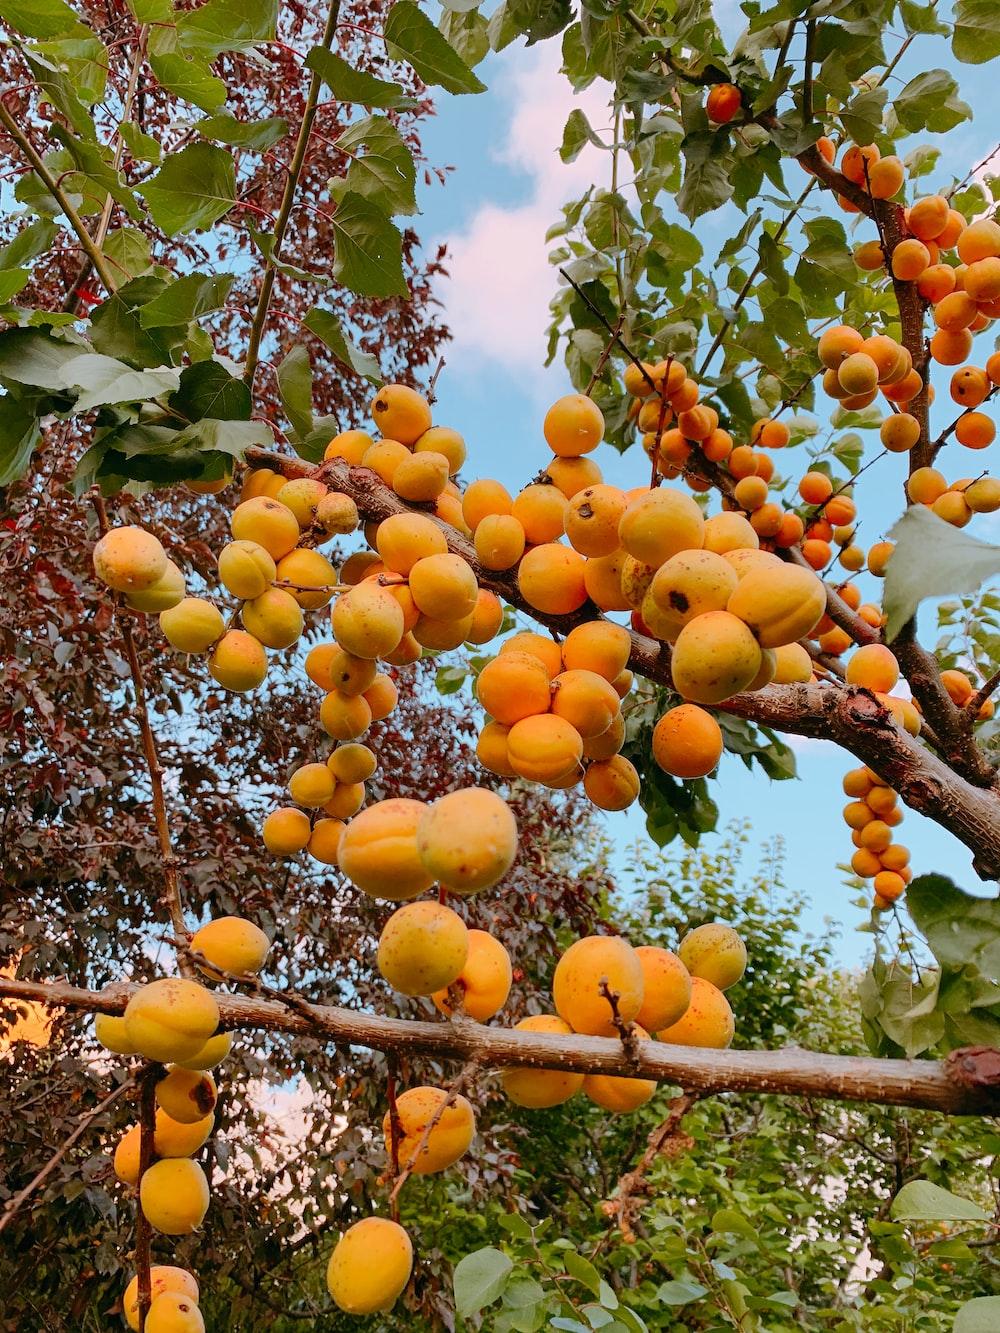 orange fruits